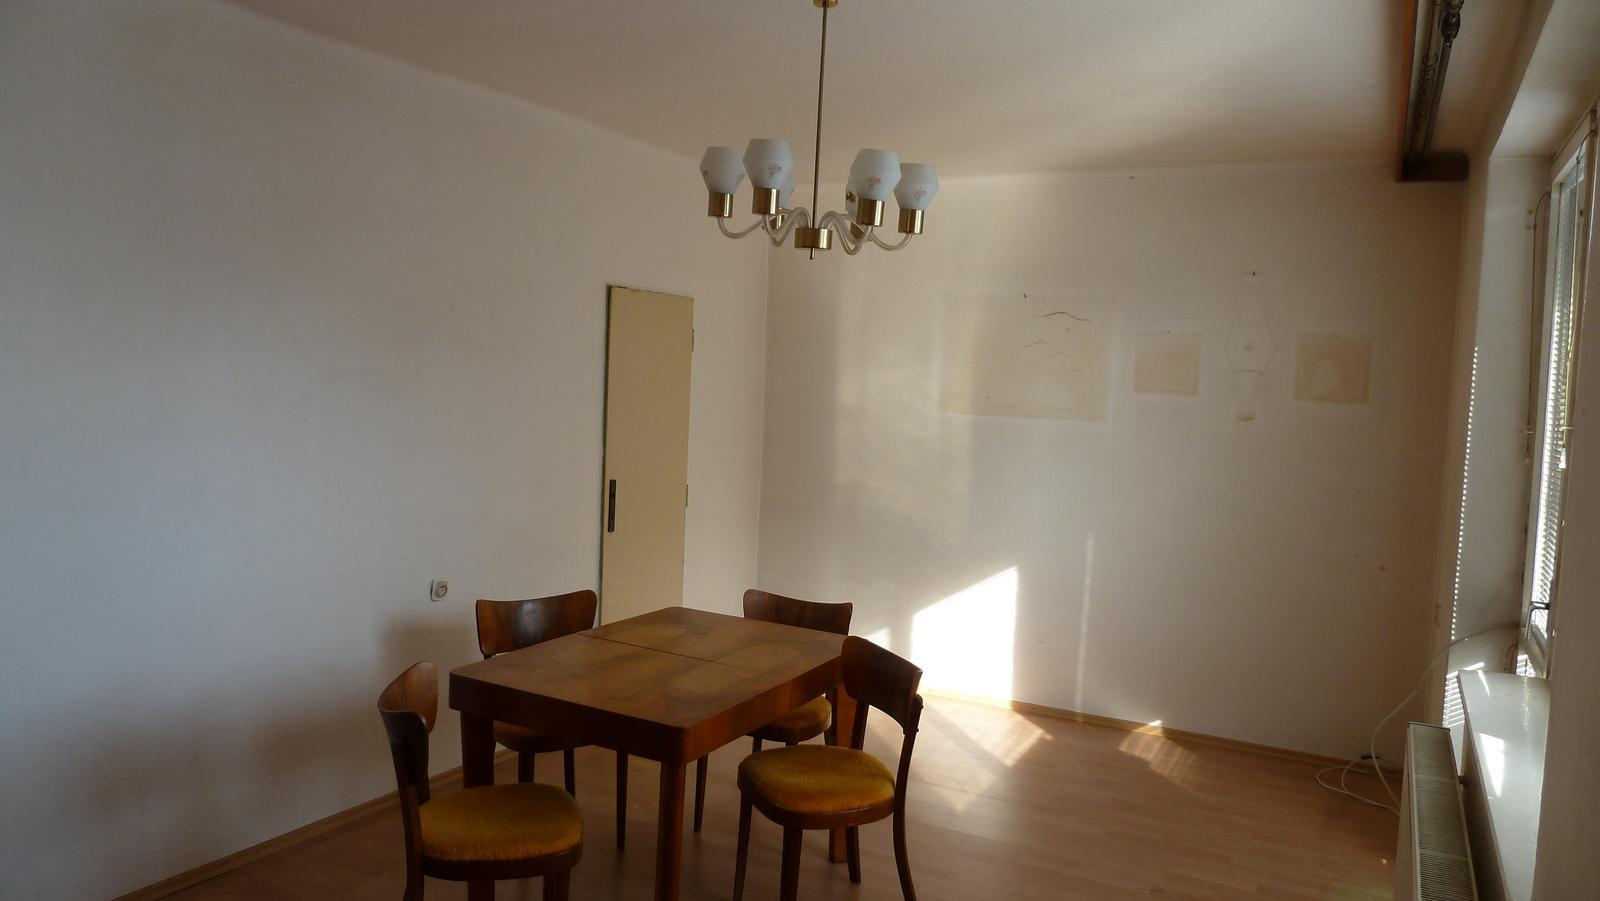 Projekt: Nové bývanie ... - ... dvere sa zrušia a vchod do kuchyne sa zväčší ...